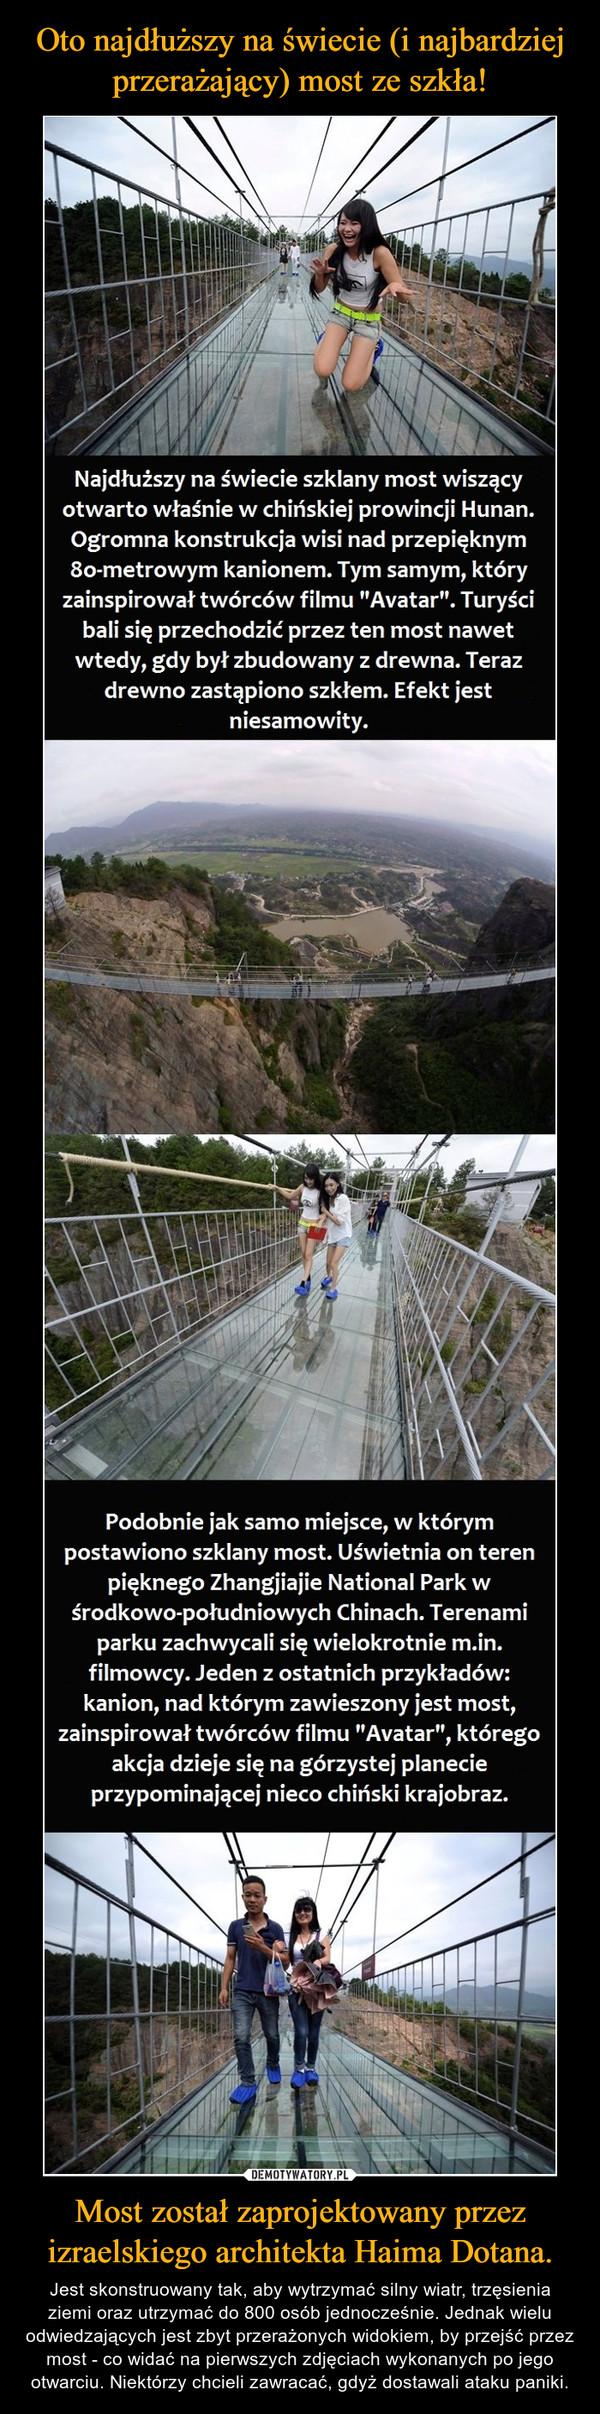 Most został zaprojektowany przez izraelskiego architekta Haima Dotana. – Jest skonstruowany tak, aby wytrzymać silny wiatr, trzęsienia ziemi oraz utrzymać do 800 osób jednocześnie. Jednak wielu odwiedzających jest zbyt przerażonych widokiem, by przejść przez most - co widać na pierwszych zdjęciach wykonanych po jego otwarciu. Niektórzy chcieli zawracać, gdyż dostawali ataku paniki.